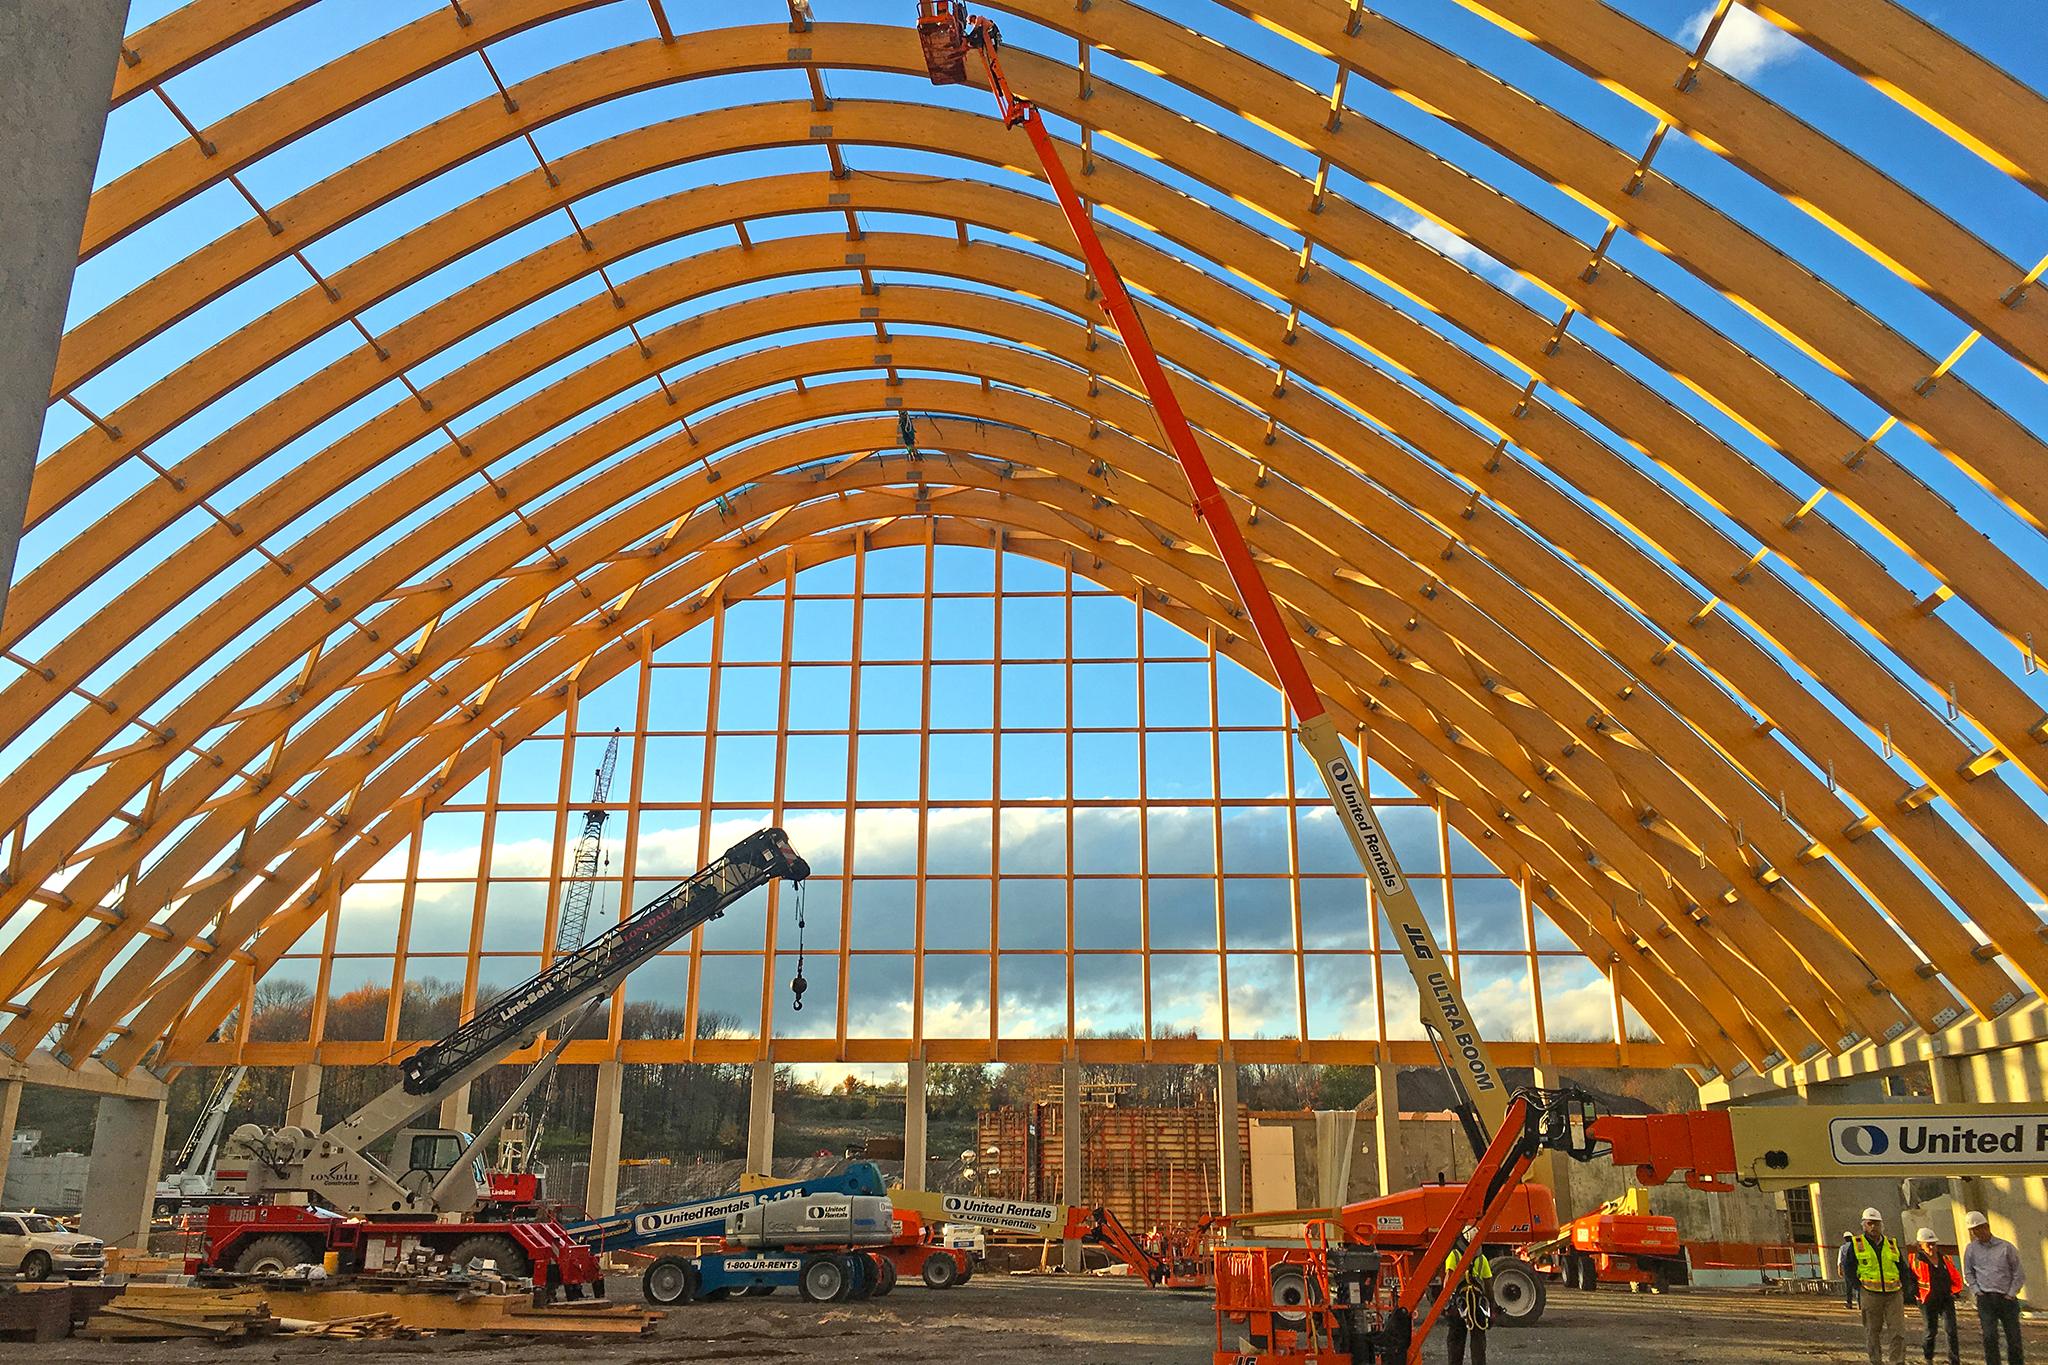 Kartrite indoor waterpark construction